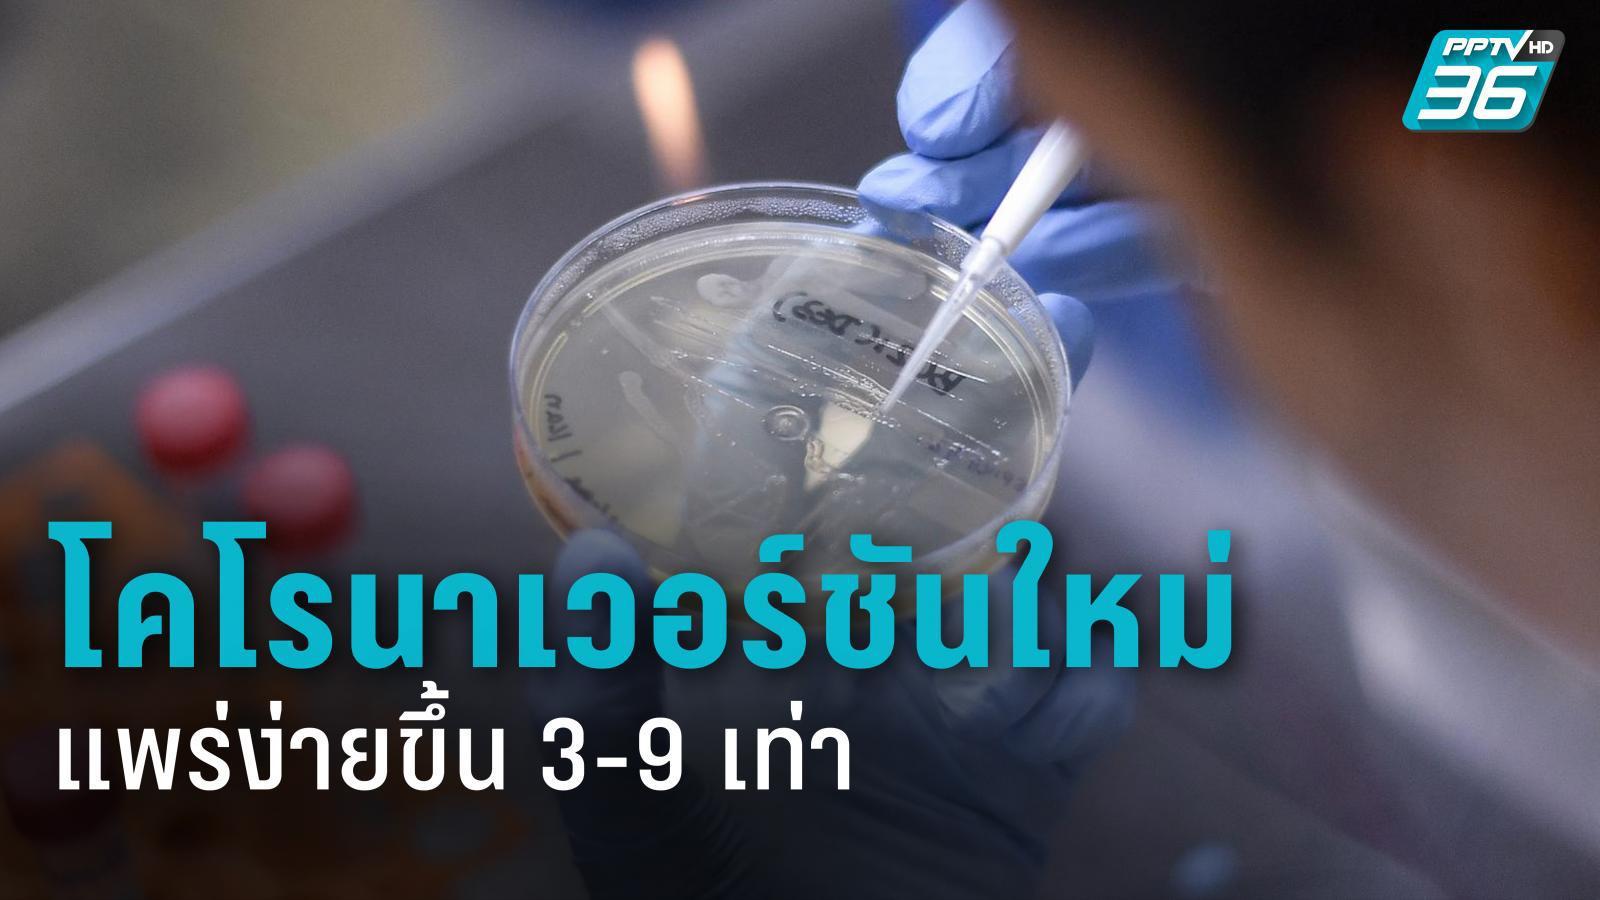 งานวิจัยพบไวรัสโคโรนาเวอร์ชันใหม่แพร่กระจายเร็วกว่า แต่ไม่ทำให้ป่วยหนัก